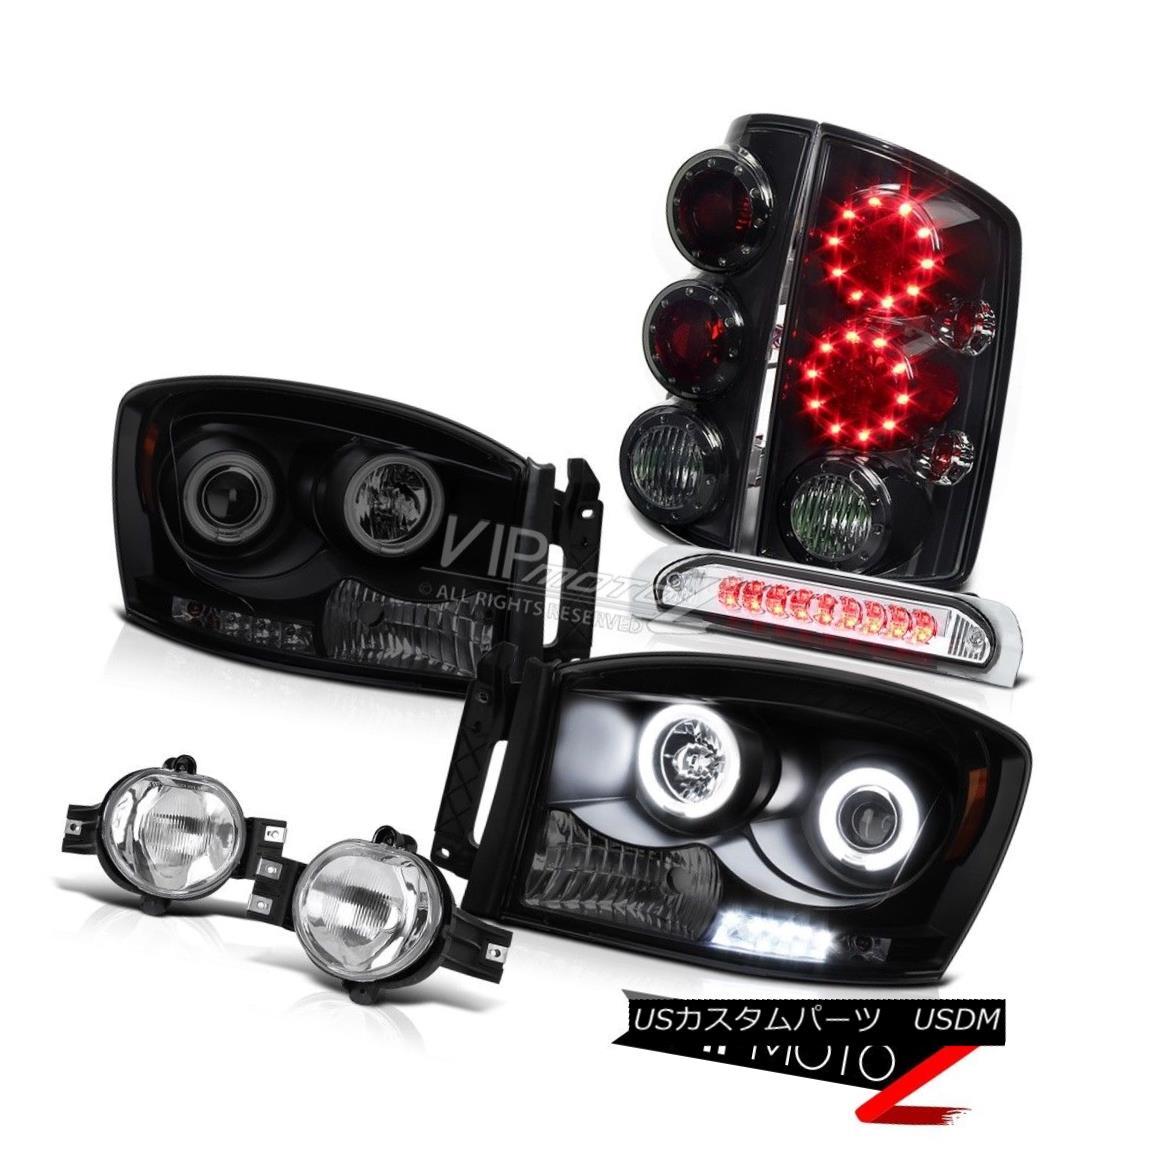 ヘッドライト 2006 Dodge Ram [BRIGHTEST] CCFL Halo Rim Headlights Foglamp Top Mount Brake Lamp 2006 Dodge Ram [BRIGHTEST] CCFL Halo Rimヘッドライトフォグライトトップマウントブレーキランプ